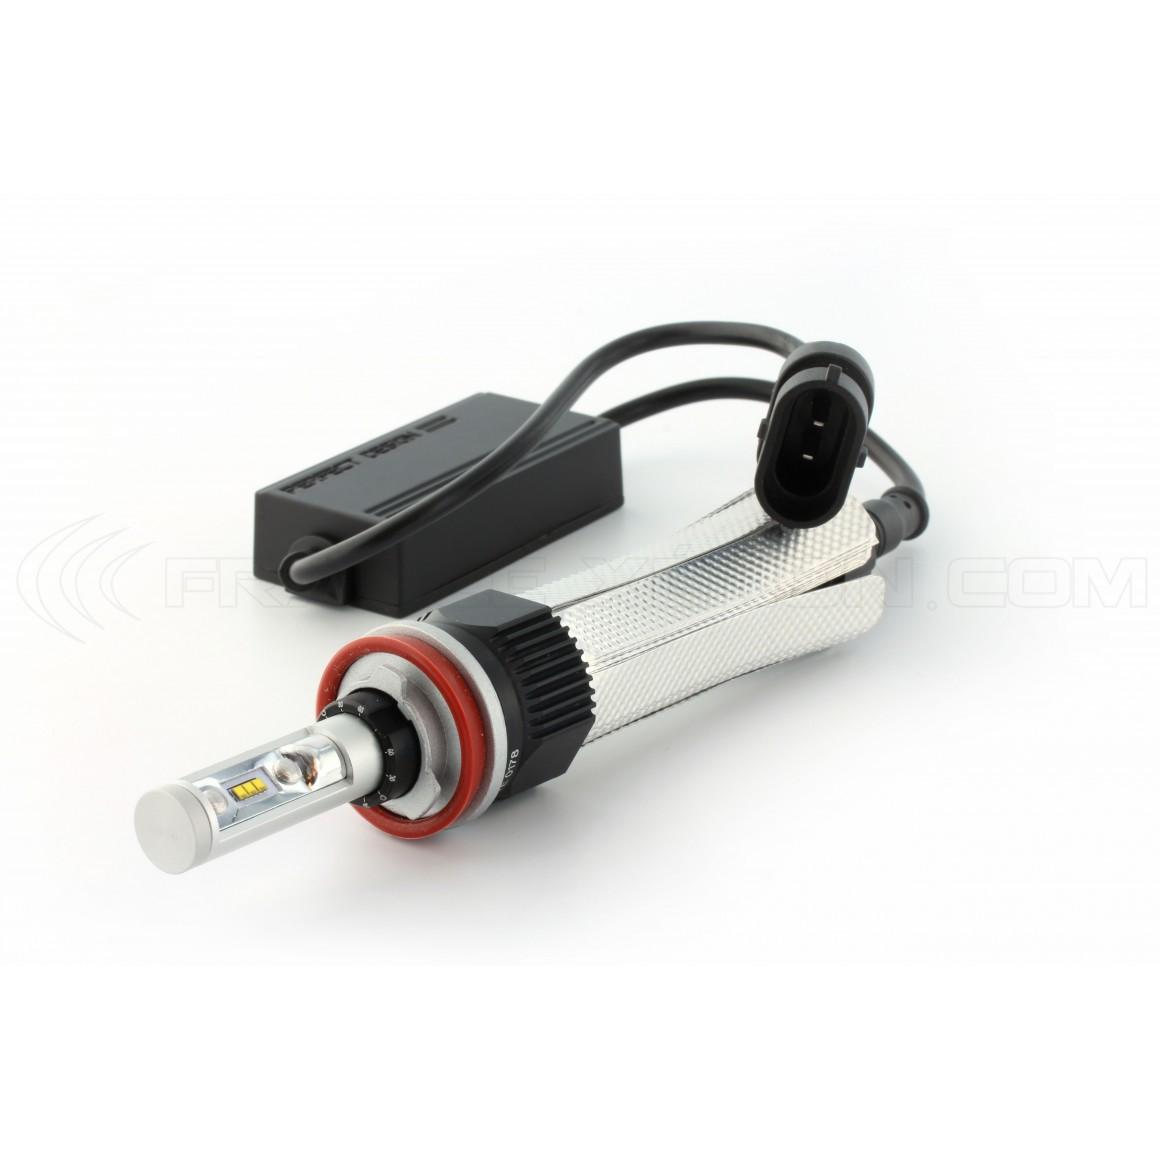 ampoule h11 xl6s 55w 4600lm moto 12v 24v france xenon. Black Bedroom Furniture Sets. Home Design Ideas